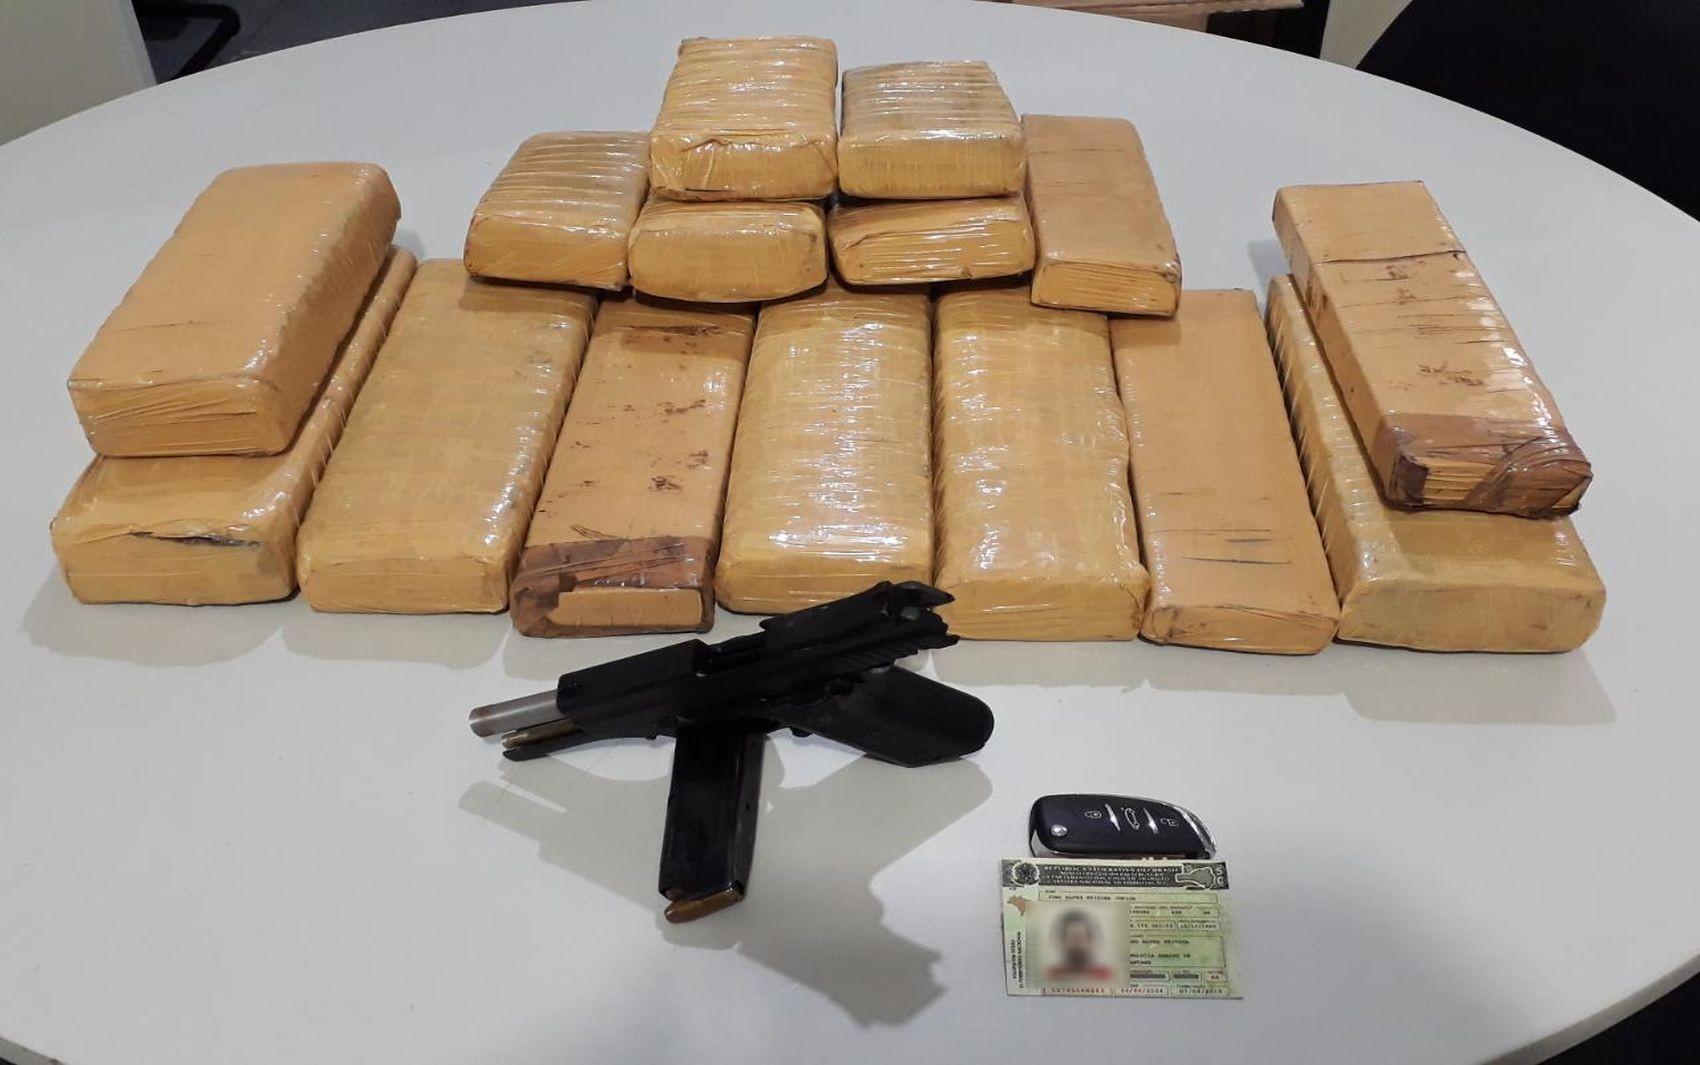 Suspeito de transportar drogas morre em confronto com a polícia no município de Propriá